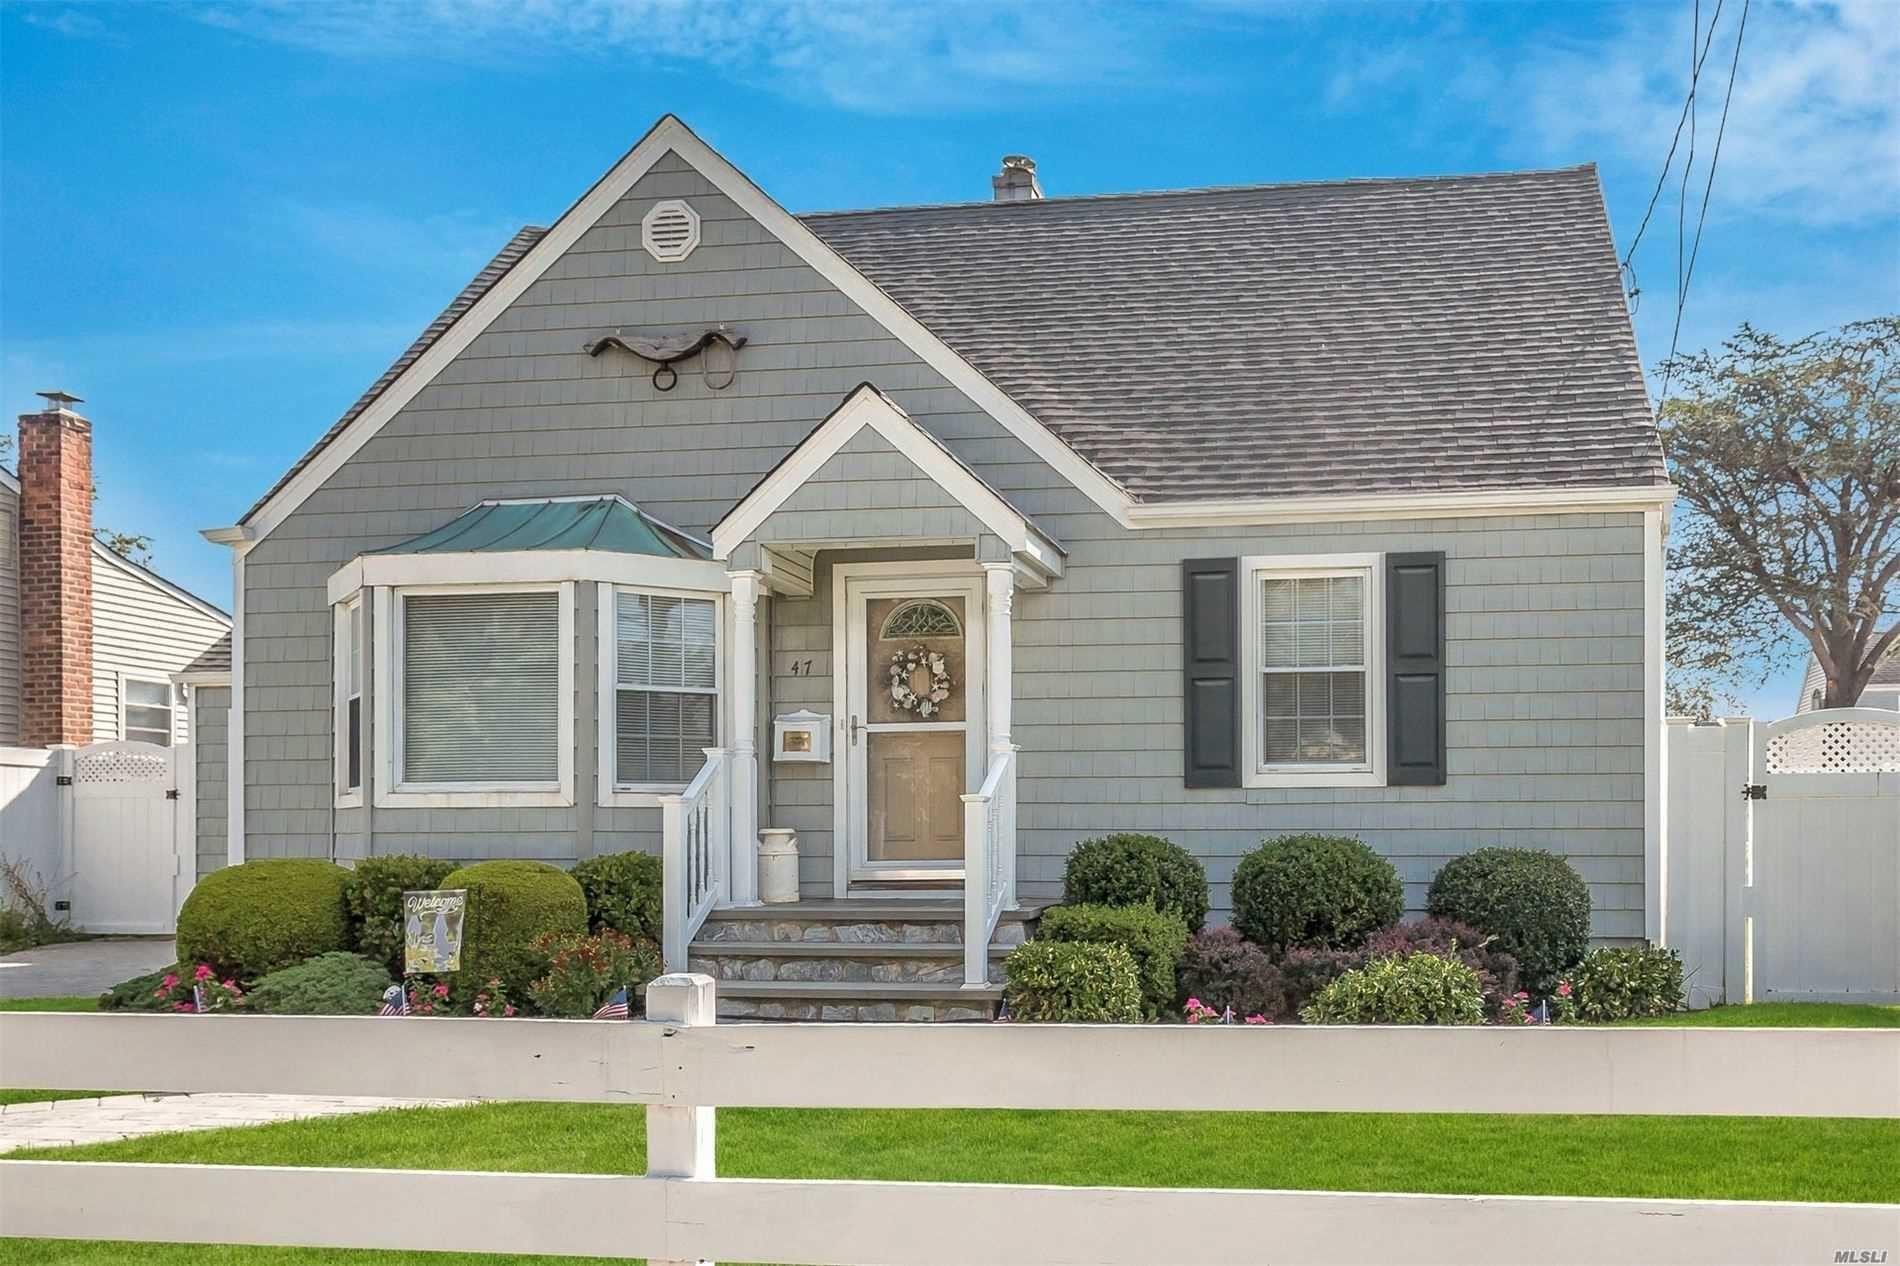 47 Elm Street, Hicksville, NY 11801 - MLS#: 3240010